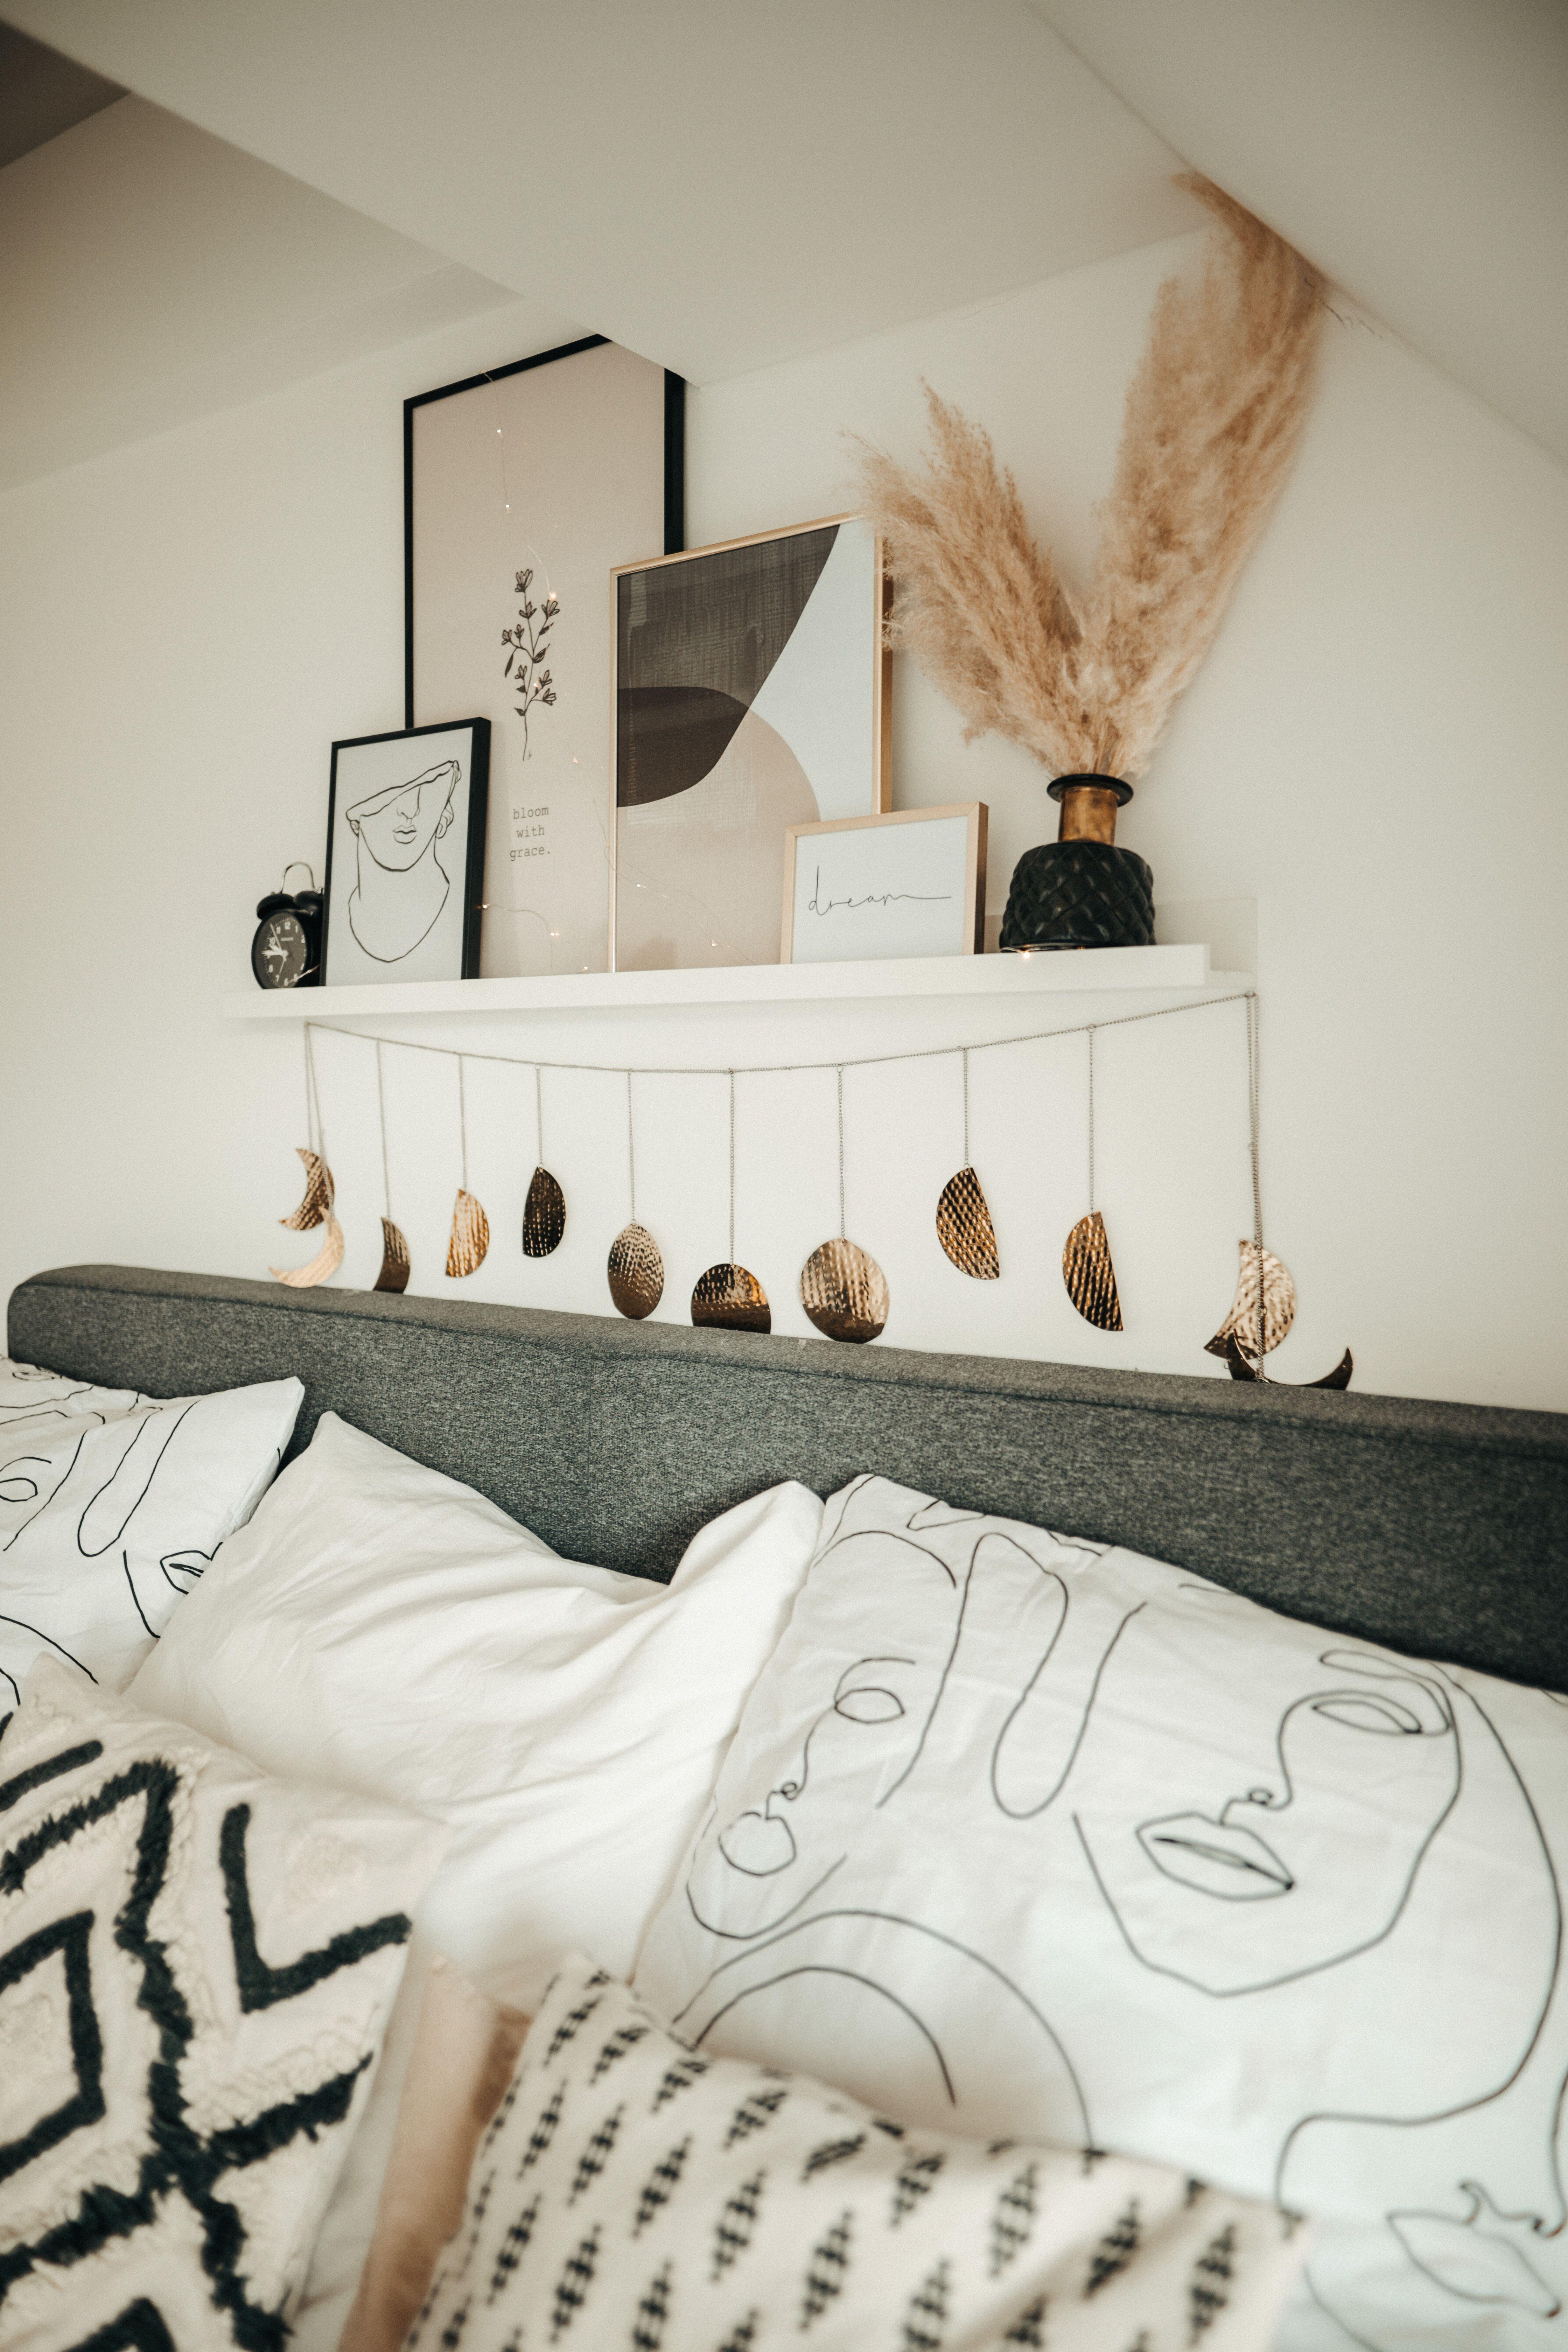 Deko Essentials By Ana Johnson Dekor Zimmer Schlafzimmer Deko Dekoration Gemutliche Wohnungseinrichtung